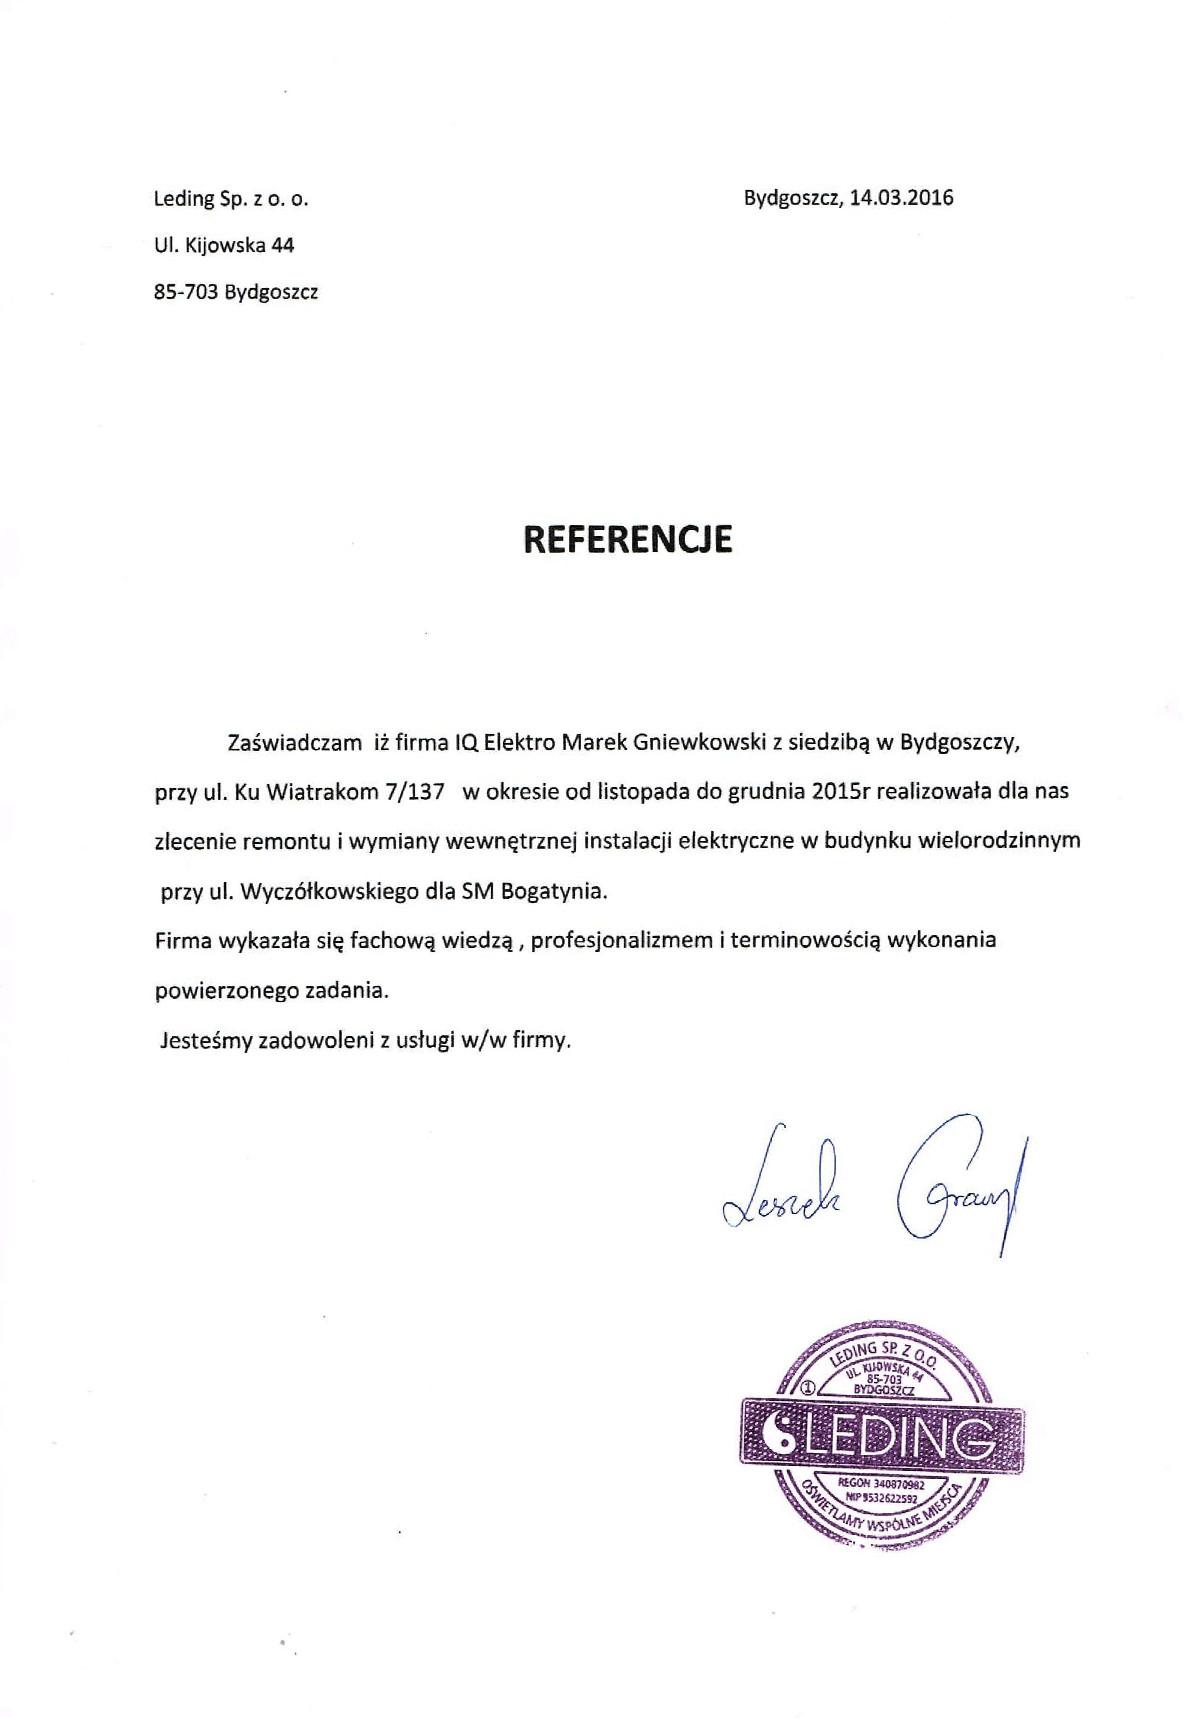 referencje_leding